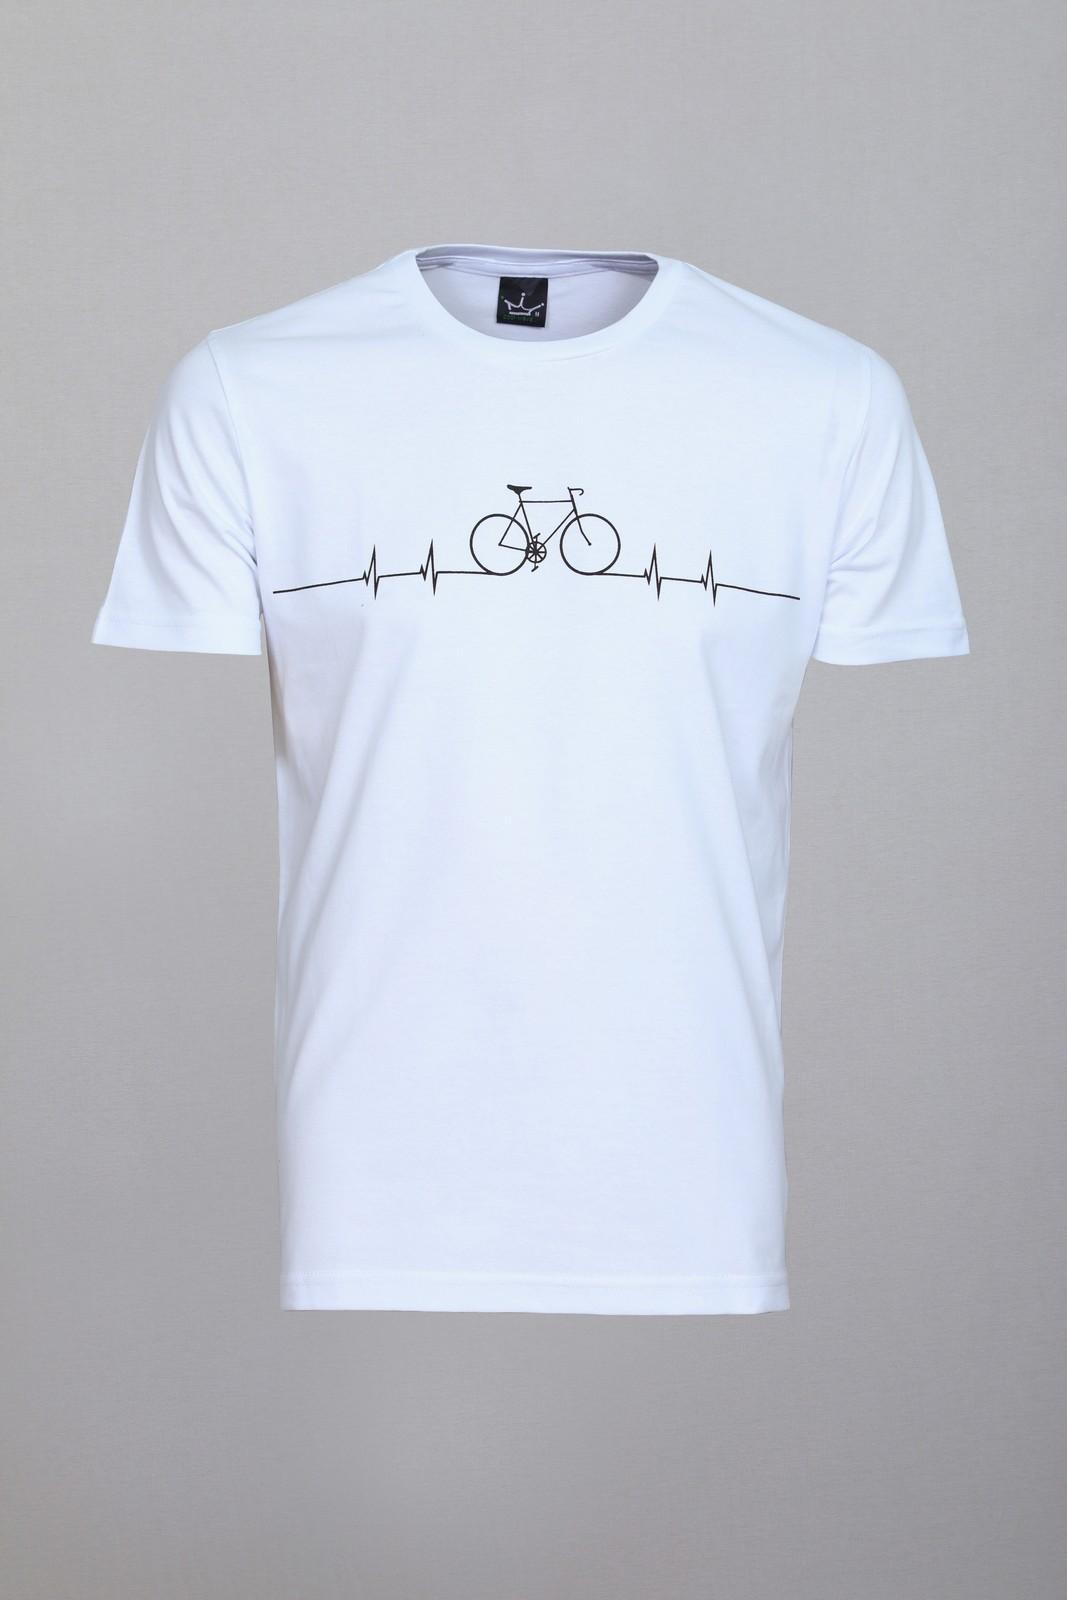 Camiseta CoolWave Bicycle Lines Branca